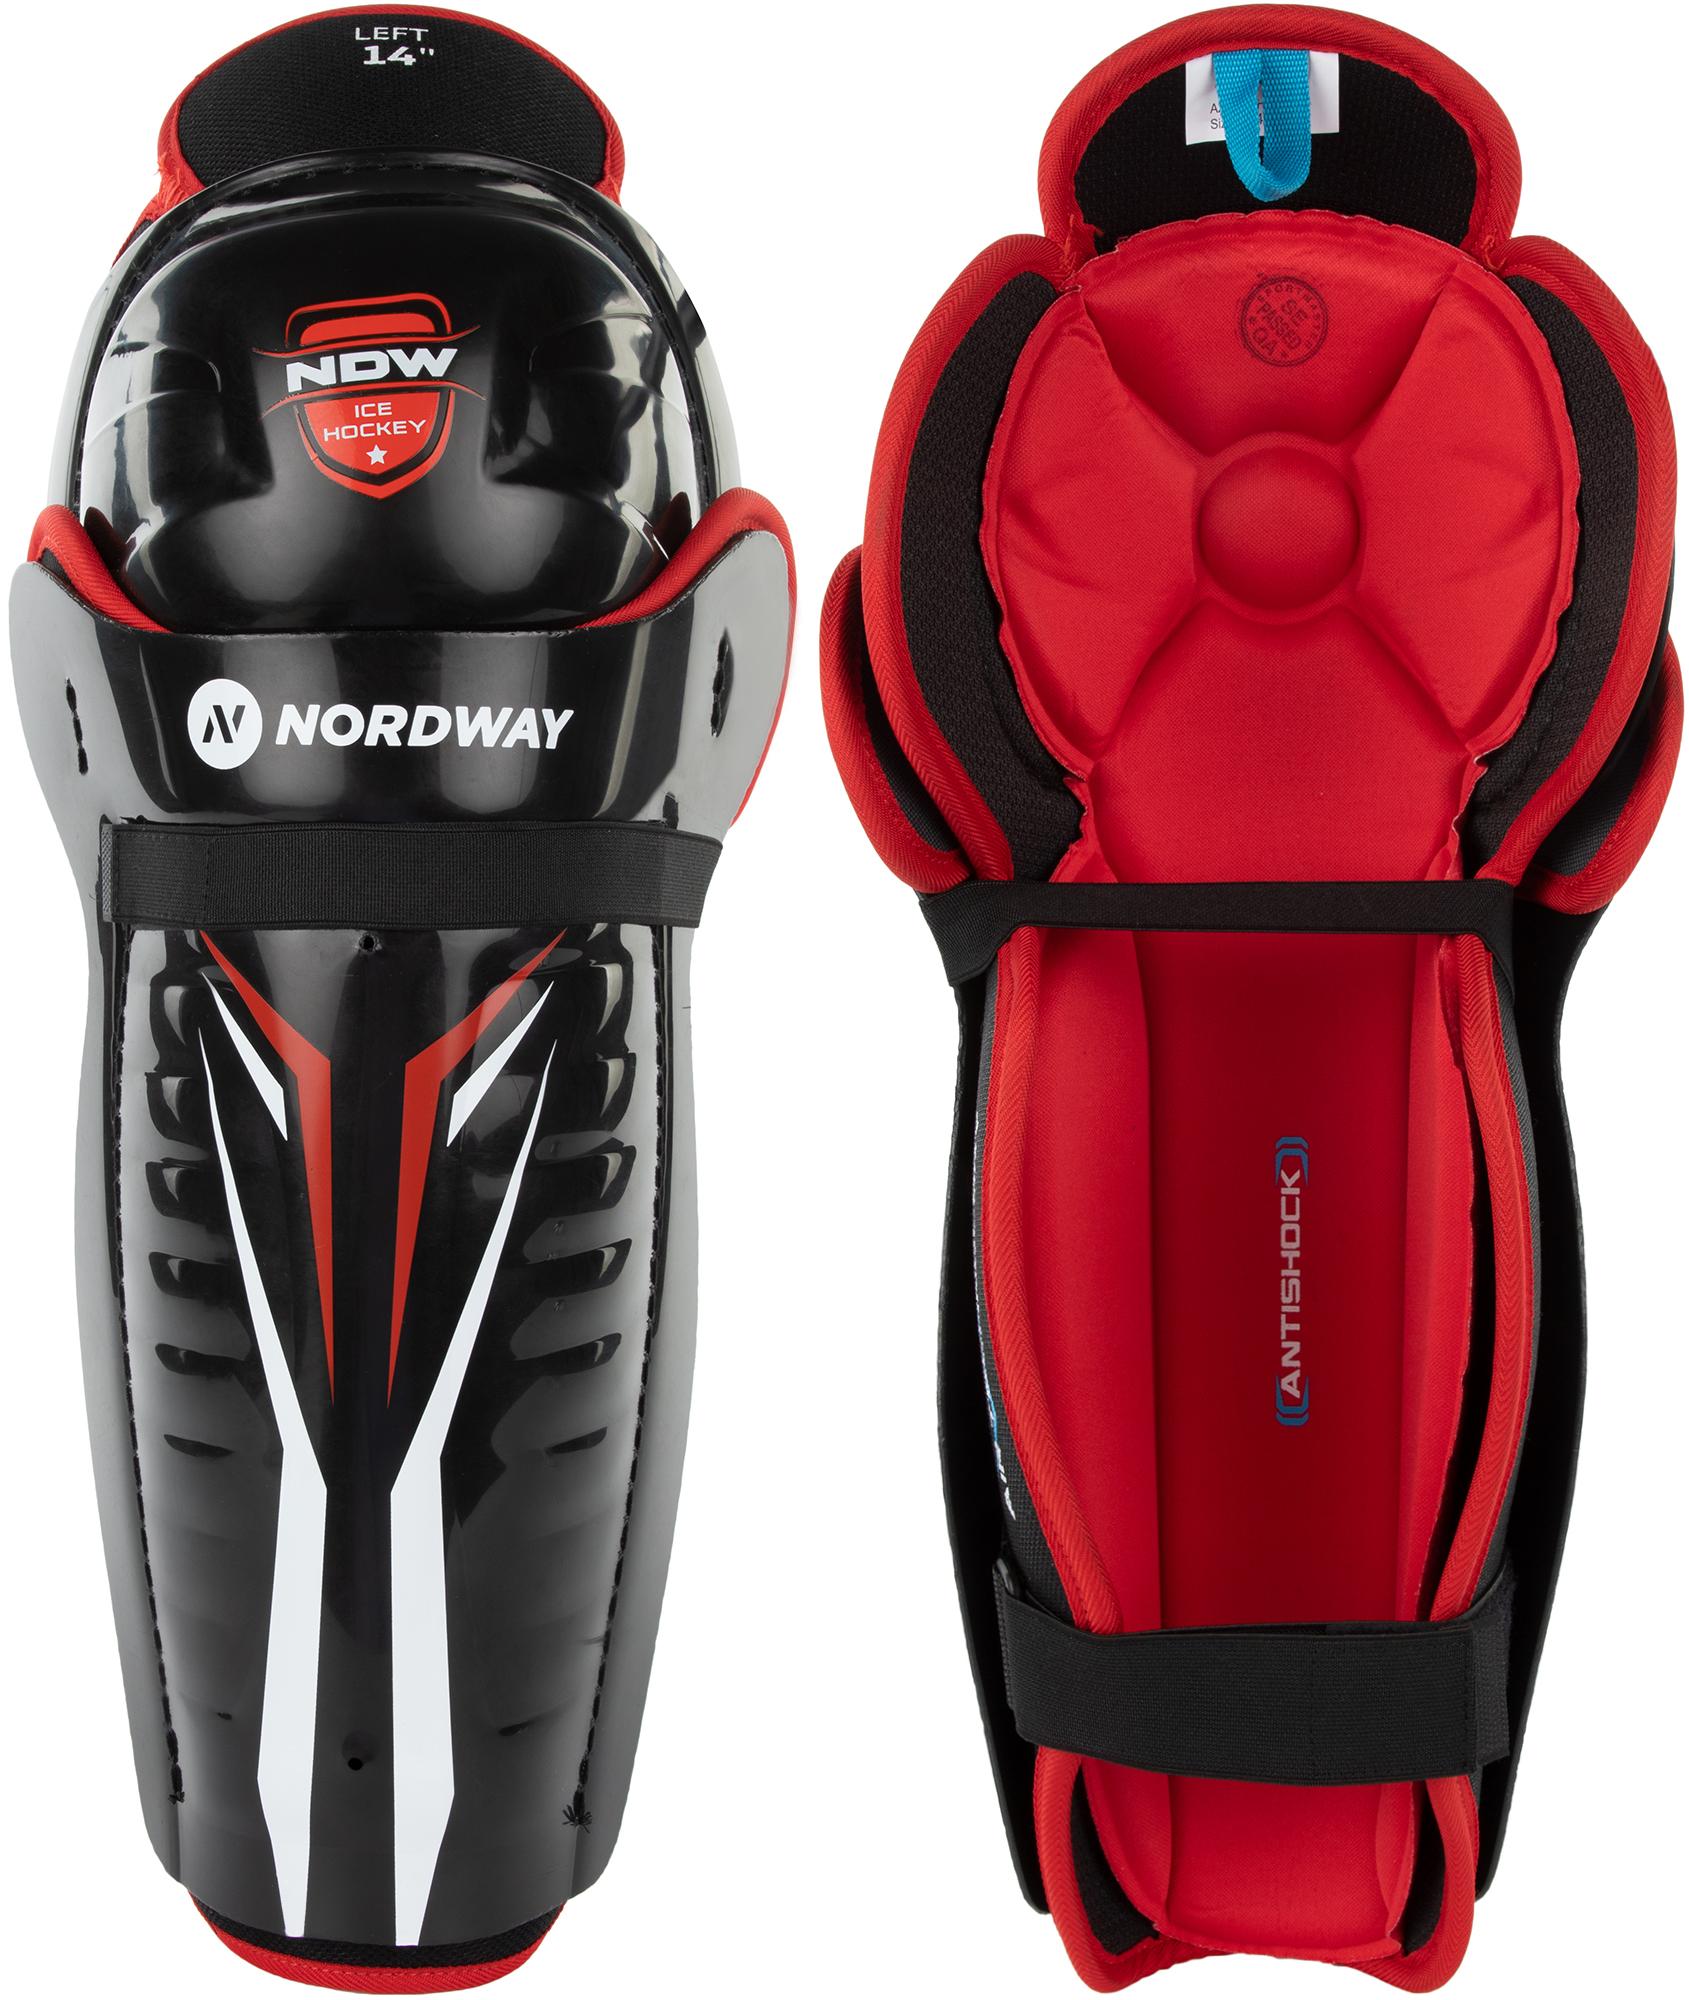 Nordway Щитки хоккейные Nordway 3.0 SR nordway щитки хоккейные детские nordway